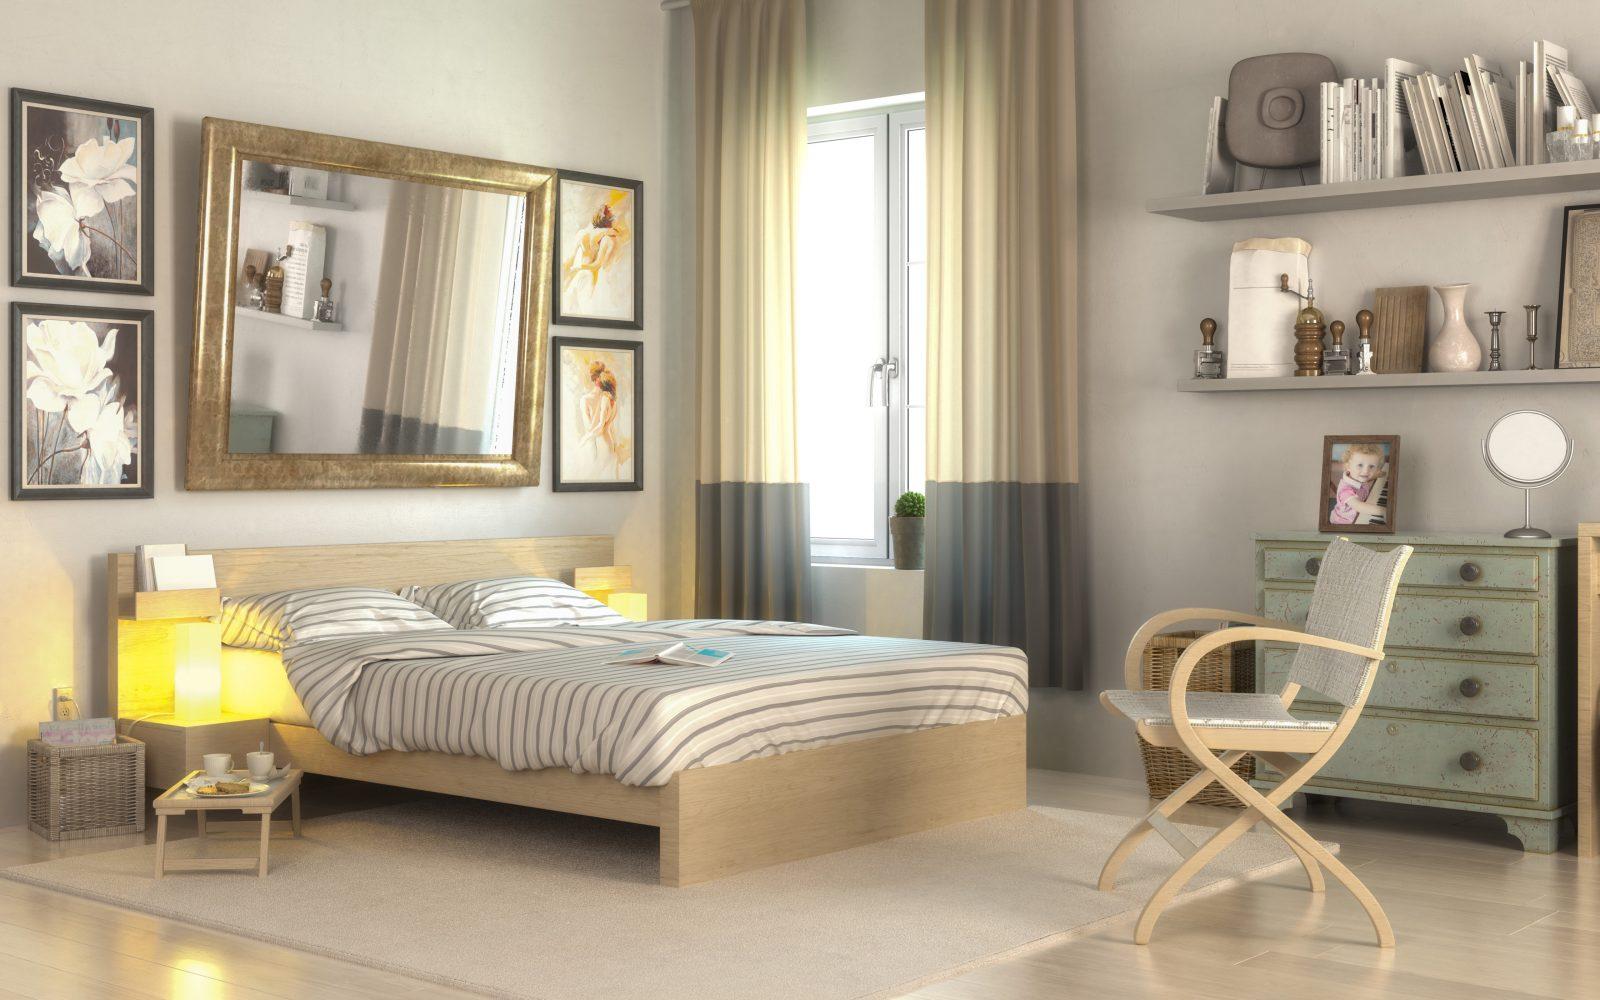 Kleines Schlafzimmer Einrichten So Können Sie Den Platz von Schlafzimmer Einrichten Ideen Photo